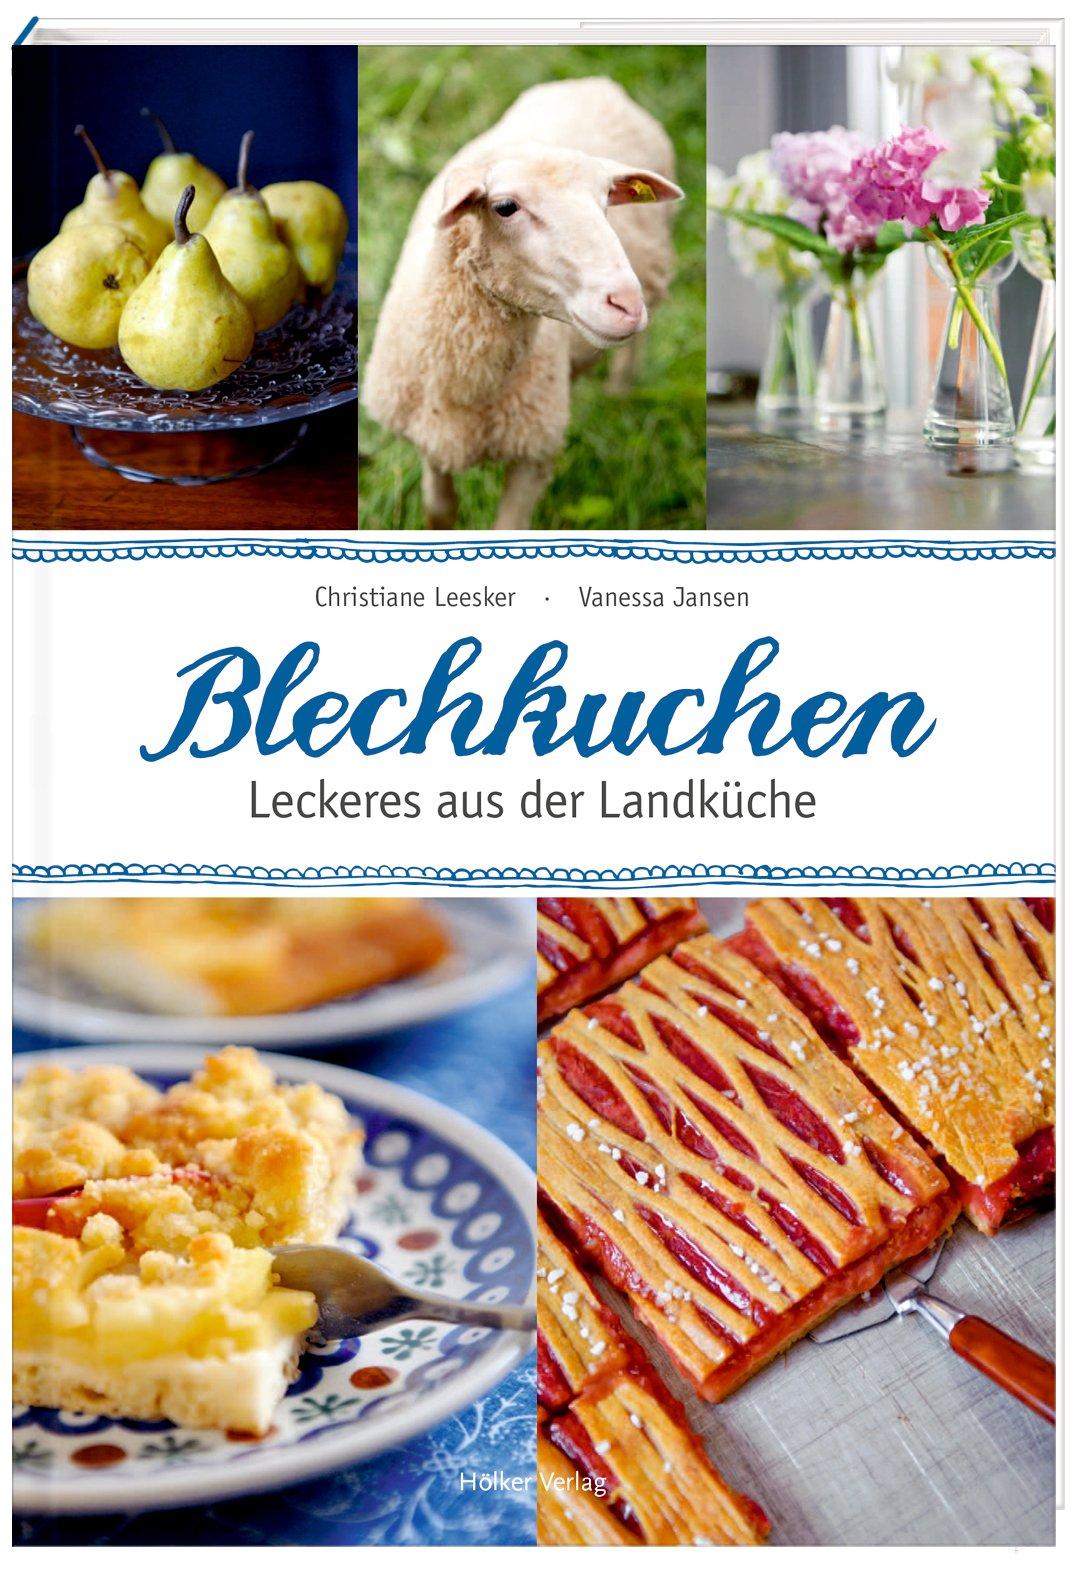 Blechkuchen: Leckeres aus der Landküche